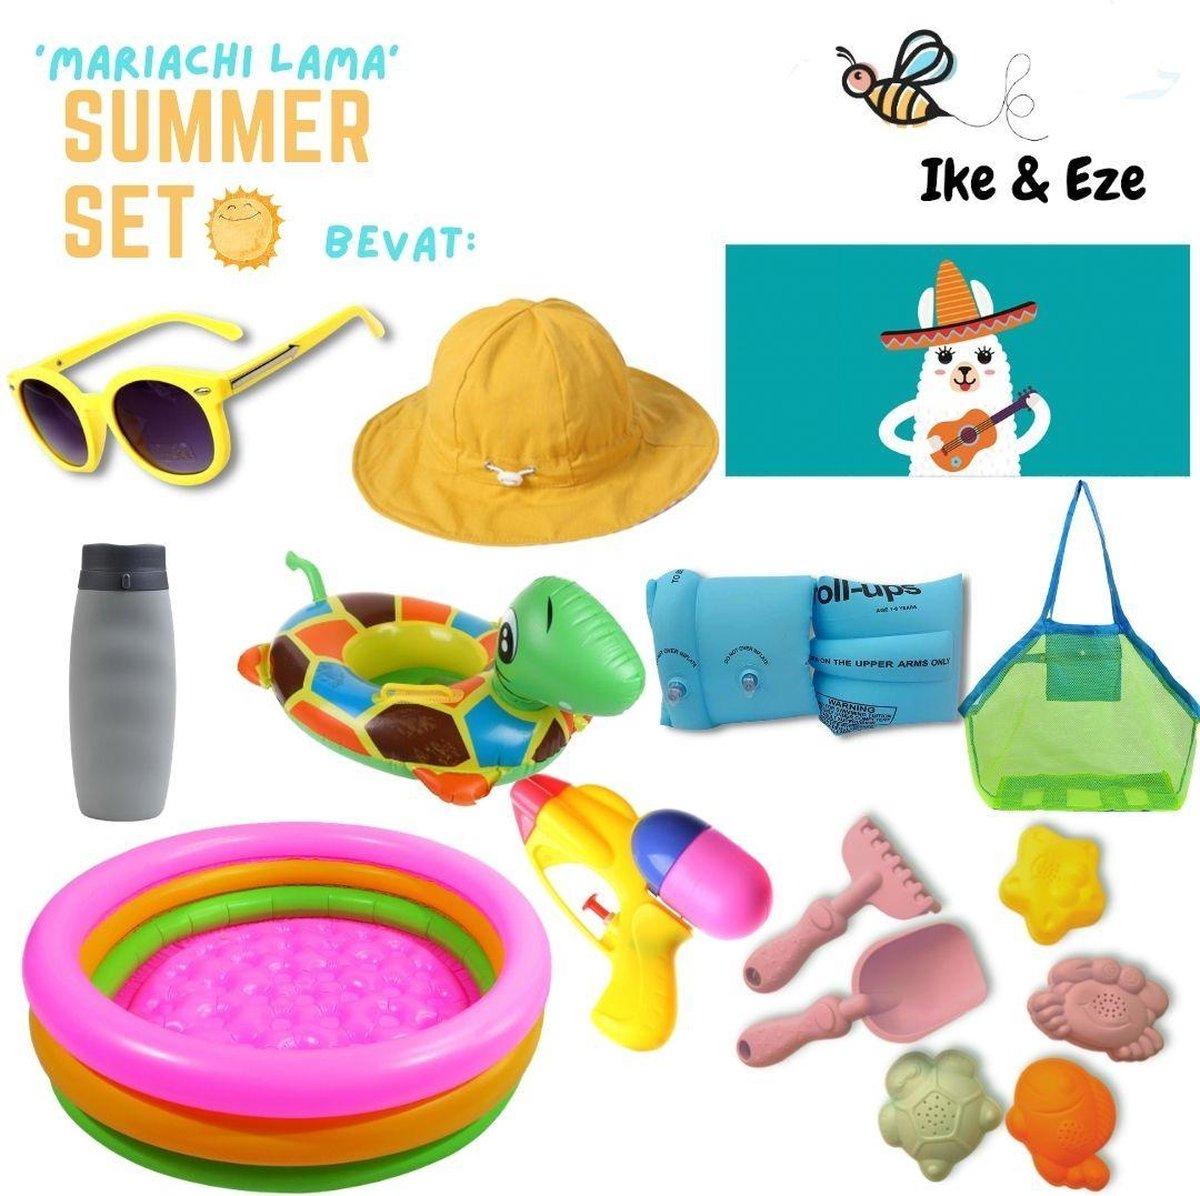 'Mariachi Lama' Summer Set - Zomer Set - Strandlaken - strandtas - drinkfles - zonnebril - zon hoedje - opblaasbaar zwembad, zwembandjes en zwemband - zandvormpjes - schepje - hakje - waterpistooltje